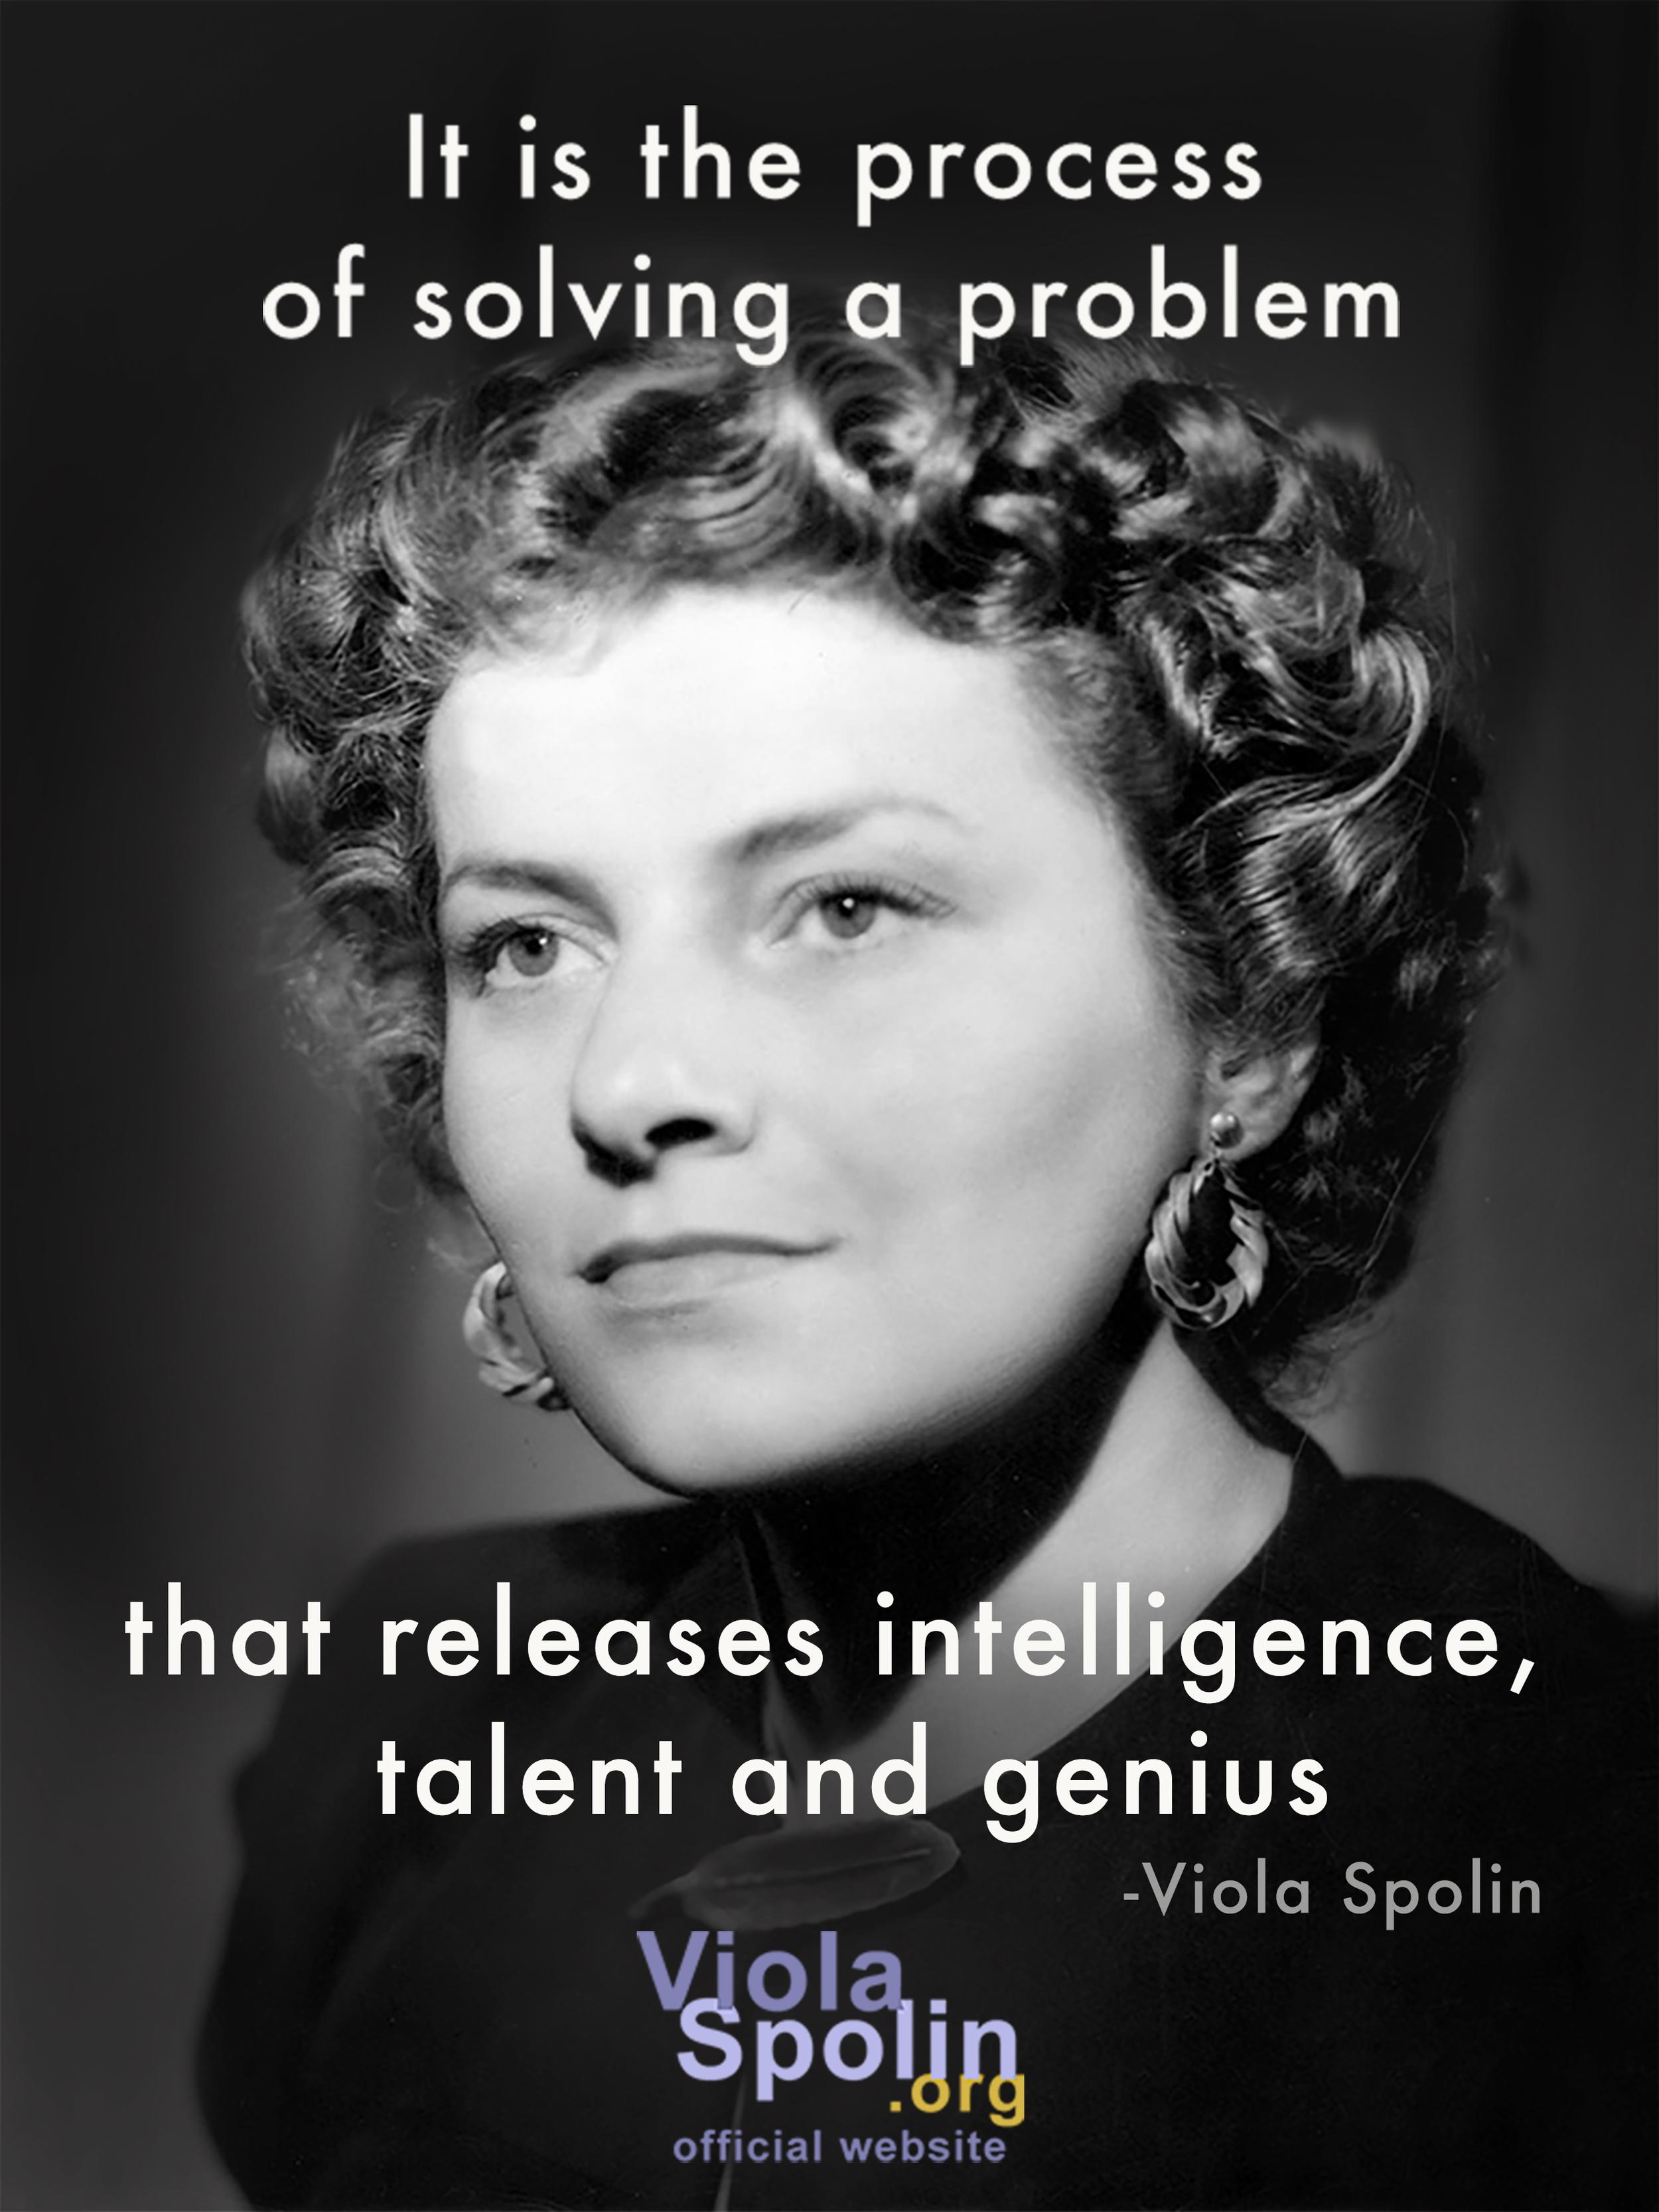 Viola Spolin Genius Meme.jpg